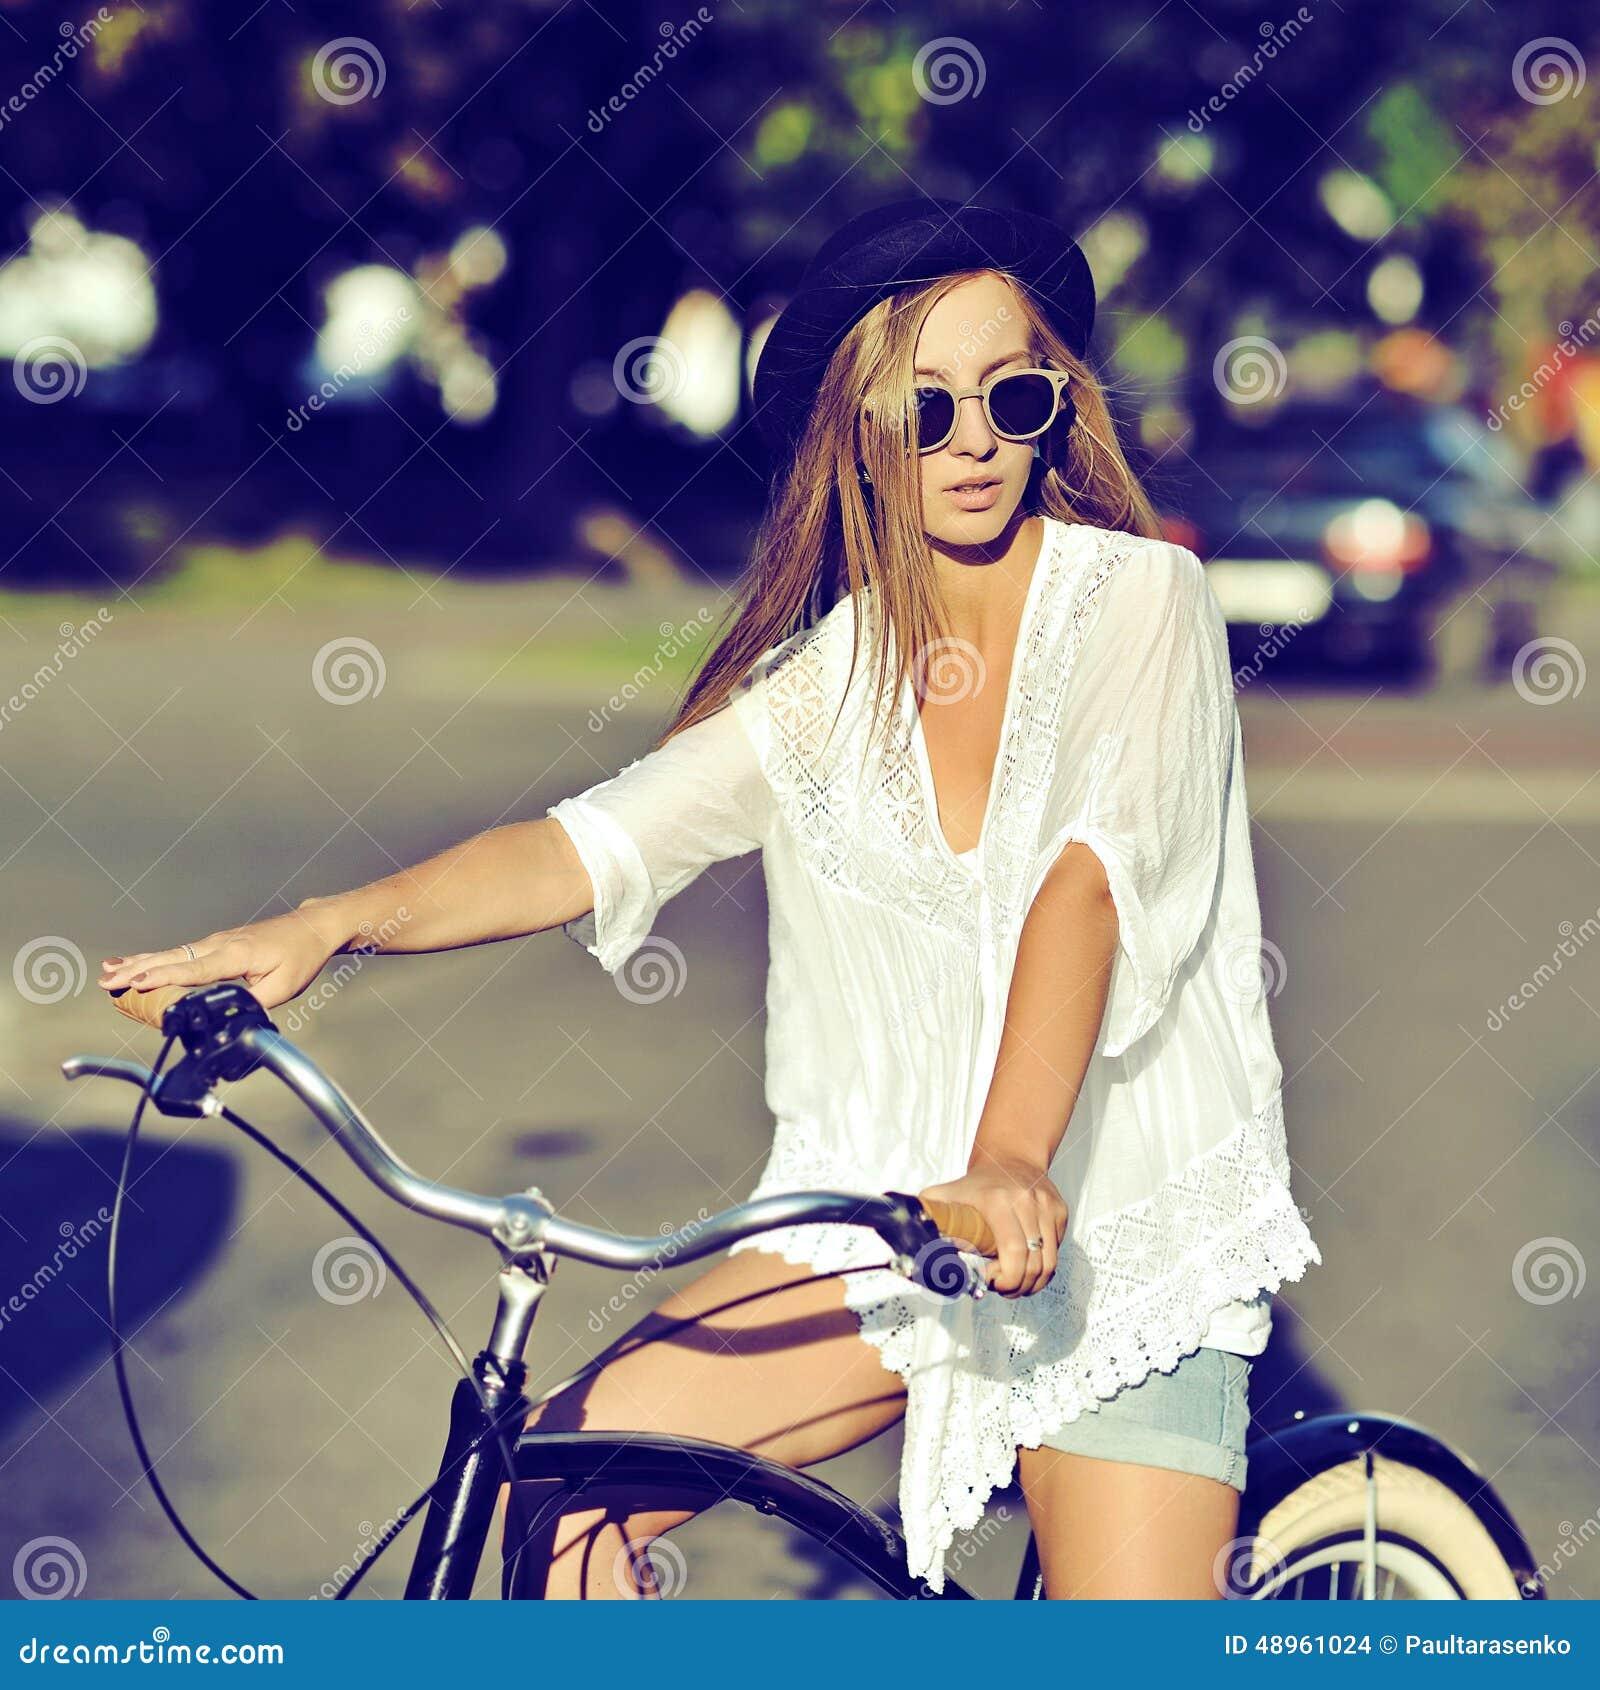 Μοντέρνη νέα γυναίκα hipster σε ένα αναδρομικό ποδήλατο fashion outdoor